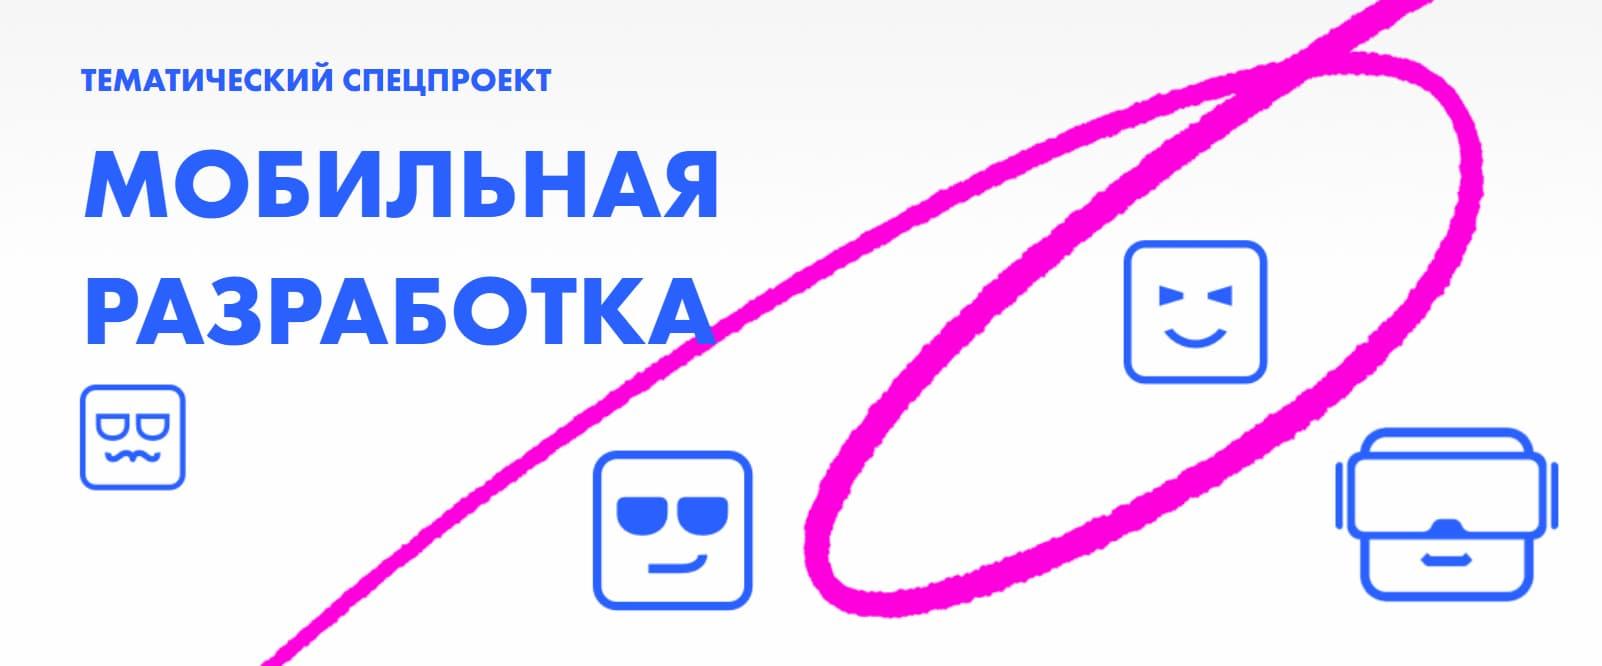 Спецпроект «Мобильная разработка»